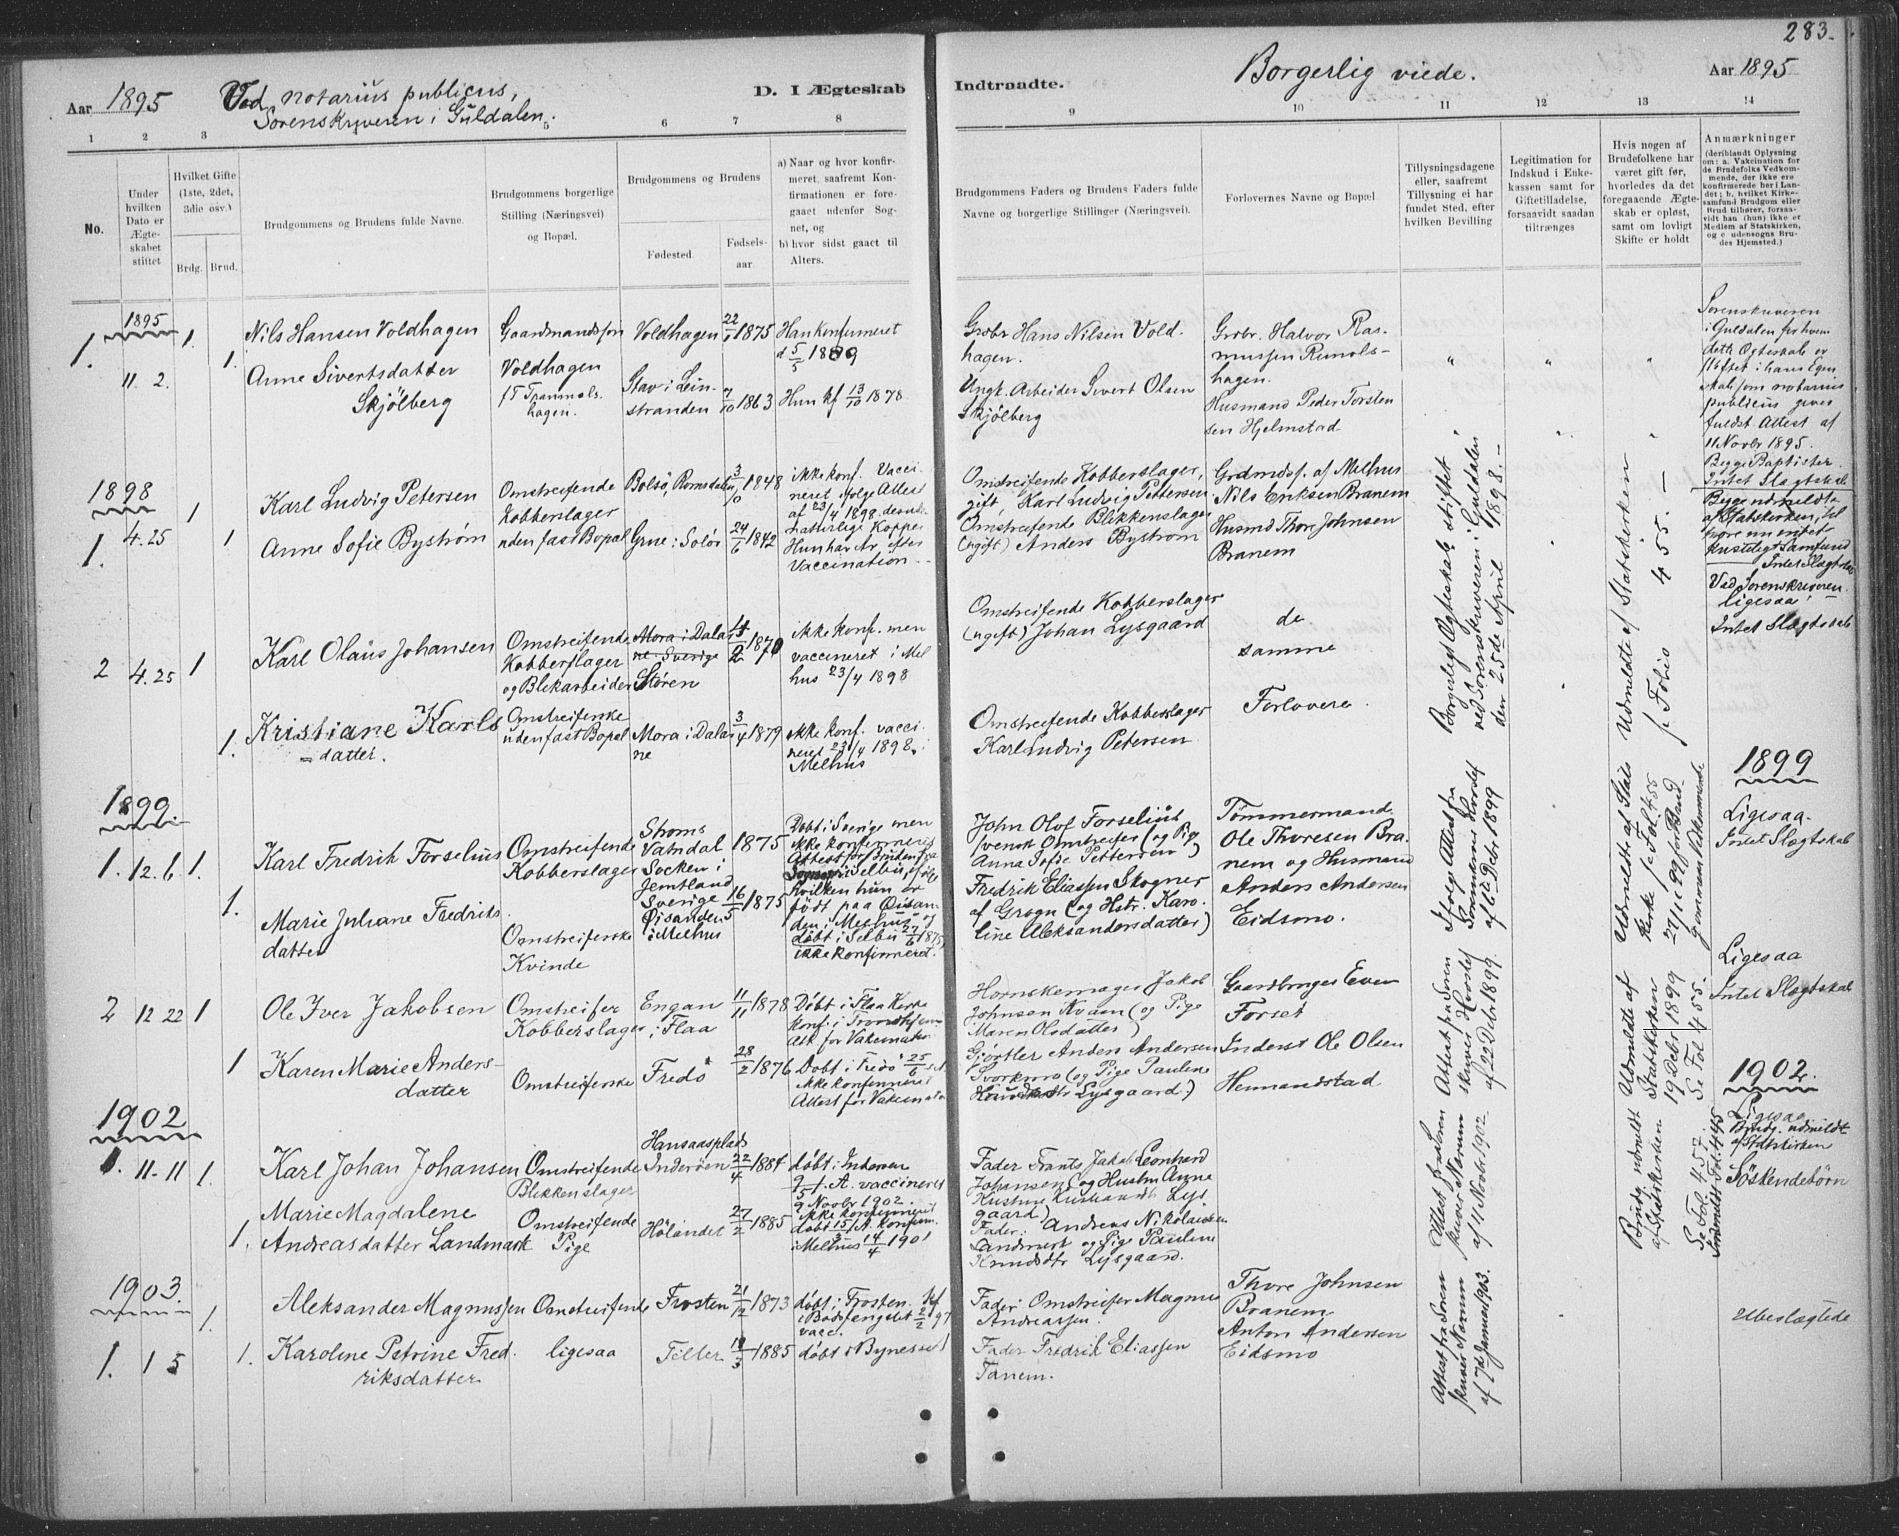 SAT, Ministerialprotokoller, klokkerbøker og fødselsregistre - Sør-Trøndelag, 691/L1085: Ministerialbok nr. 691A17, 1887-1908, s. 283